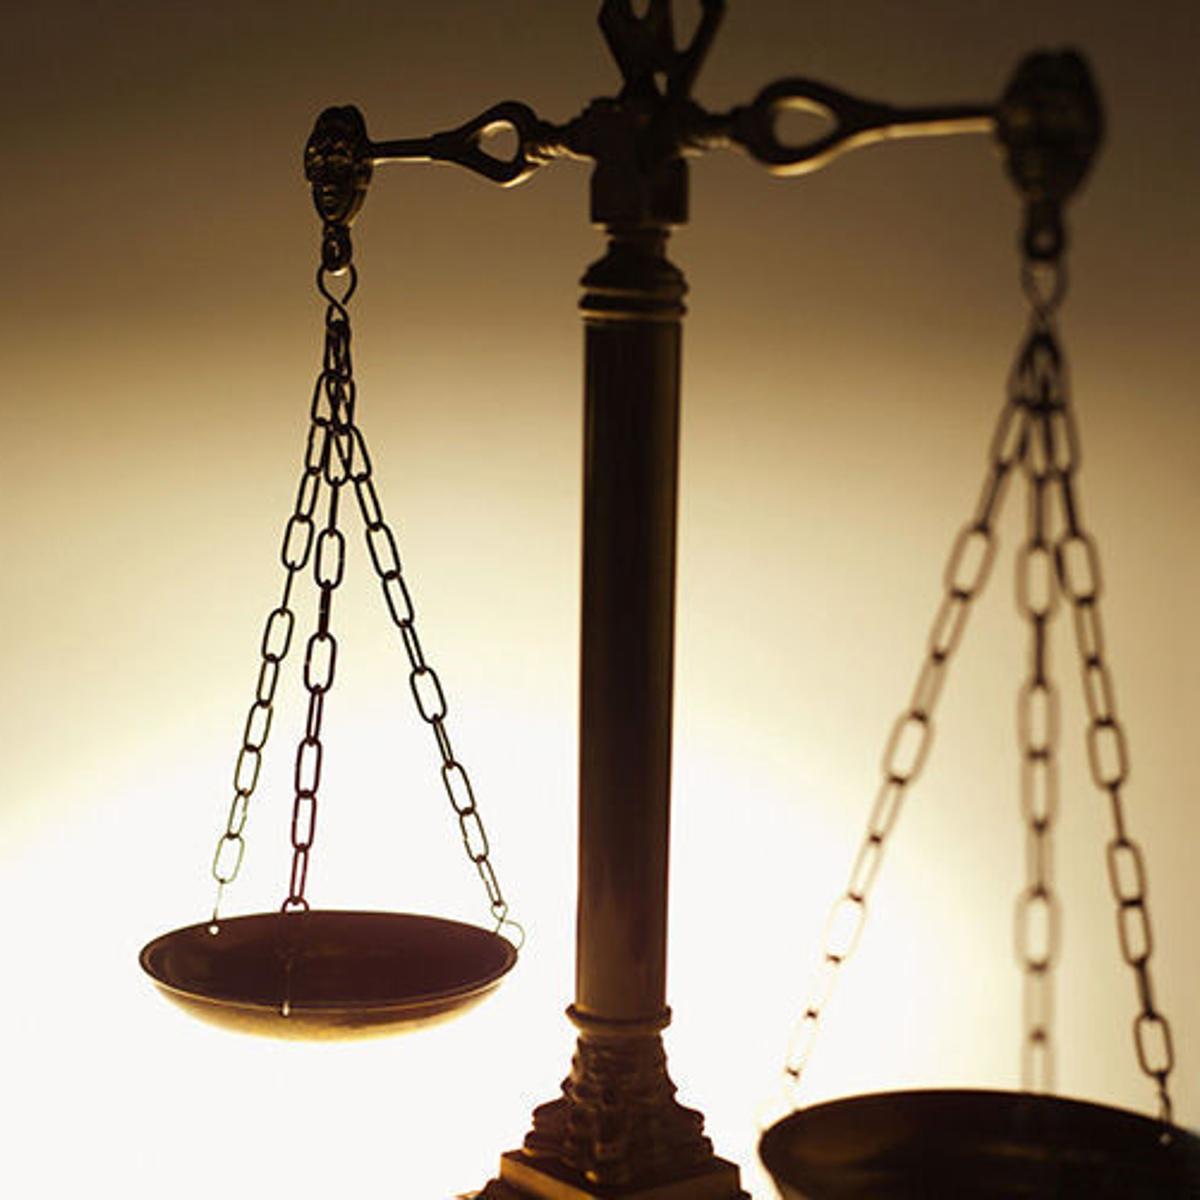 Billings man gets probation after drug bust | Crime & Courts